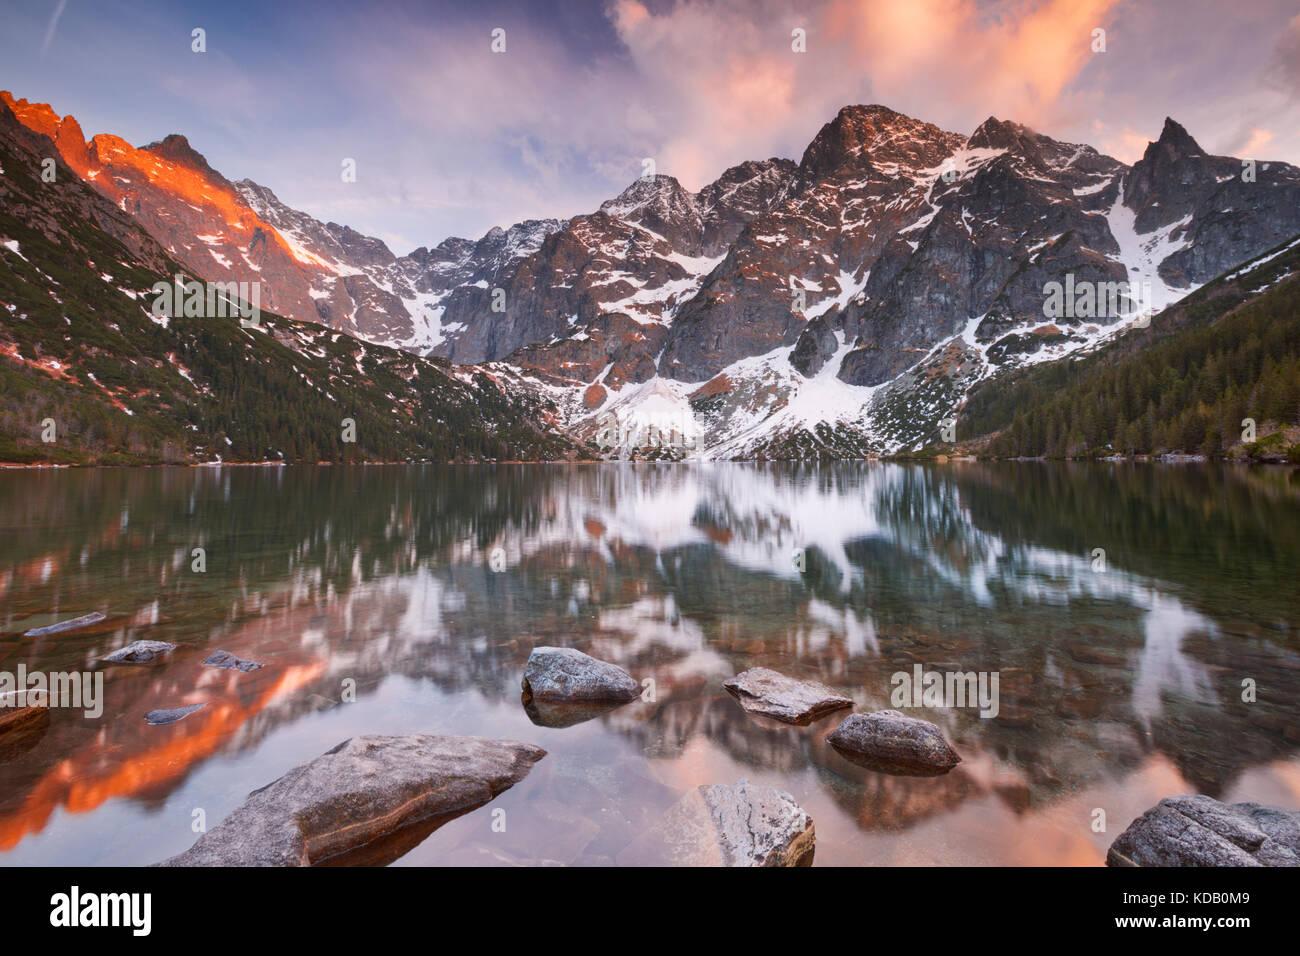 Il morskie oko lago di montagna nelle montagne Tatra in Polonia, fotografata al tramonto. Immagini Stock